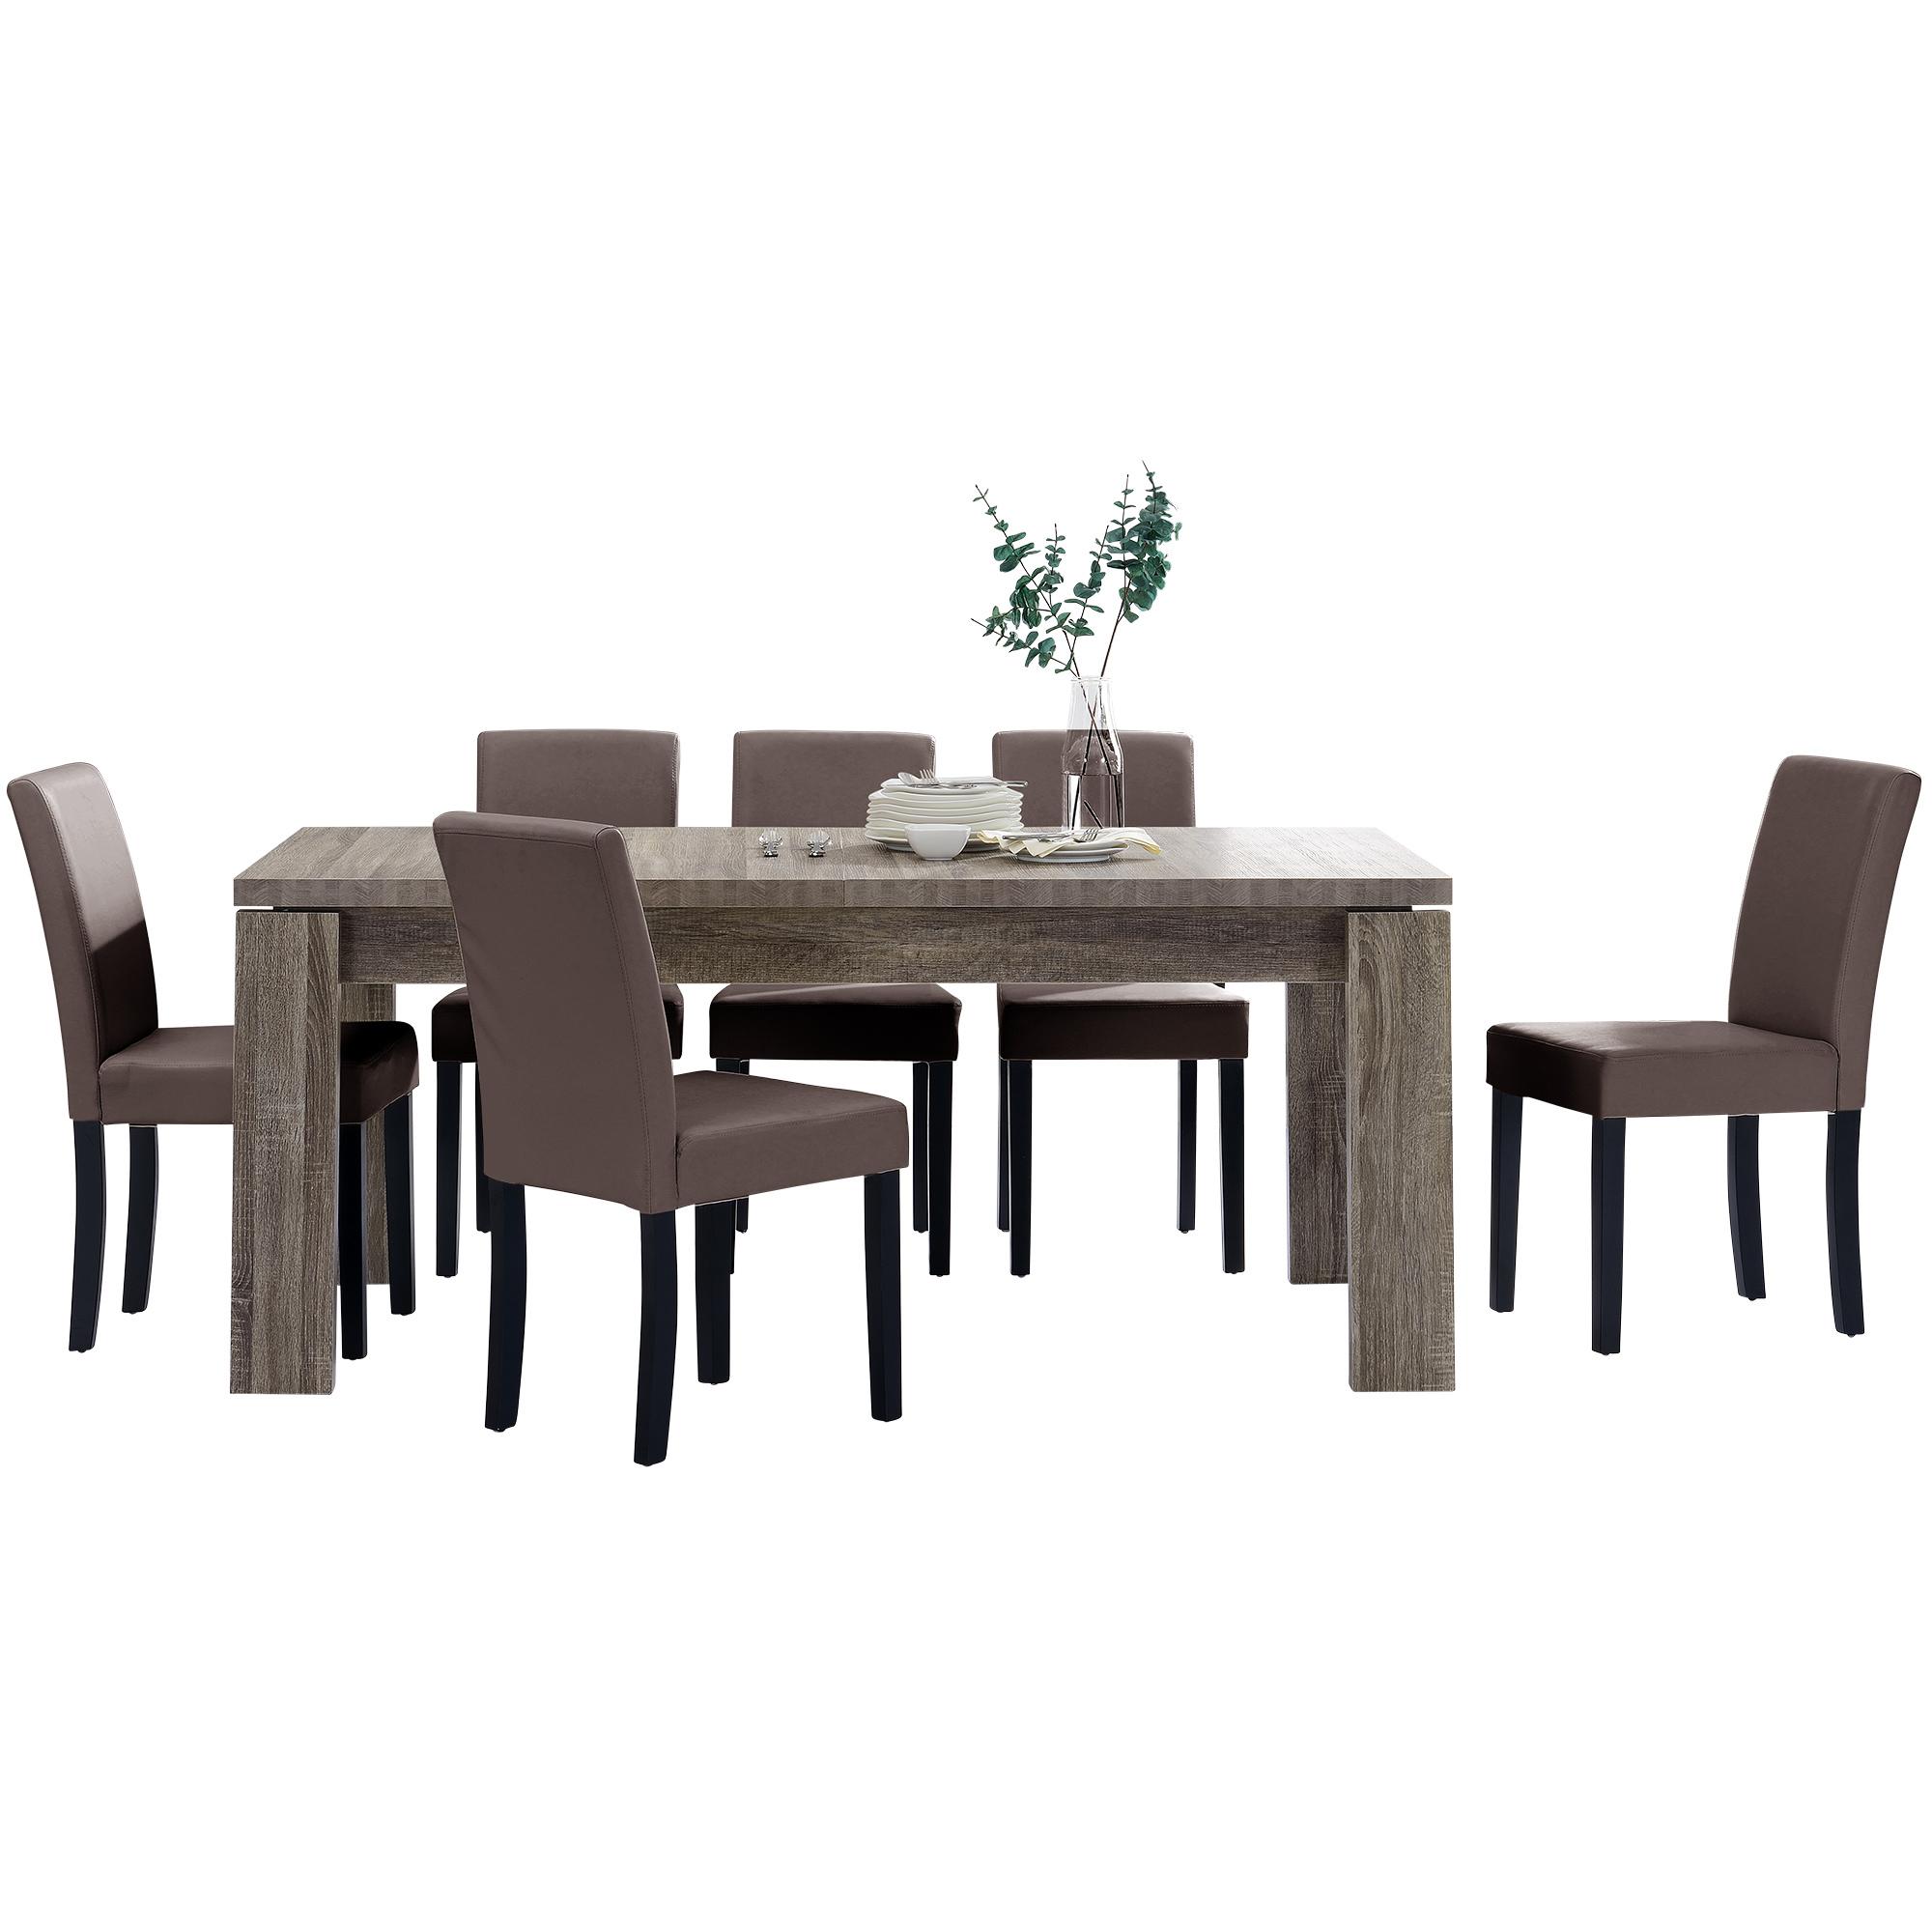 [en.casa]® Jídelní sestava 1 x stůl HTFU2334 + 6 x židle HTMY-9705